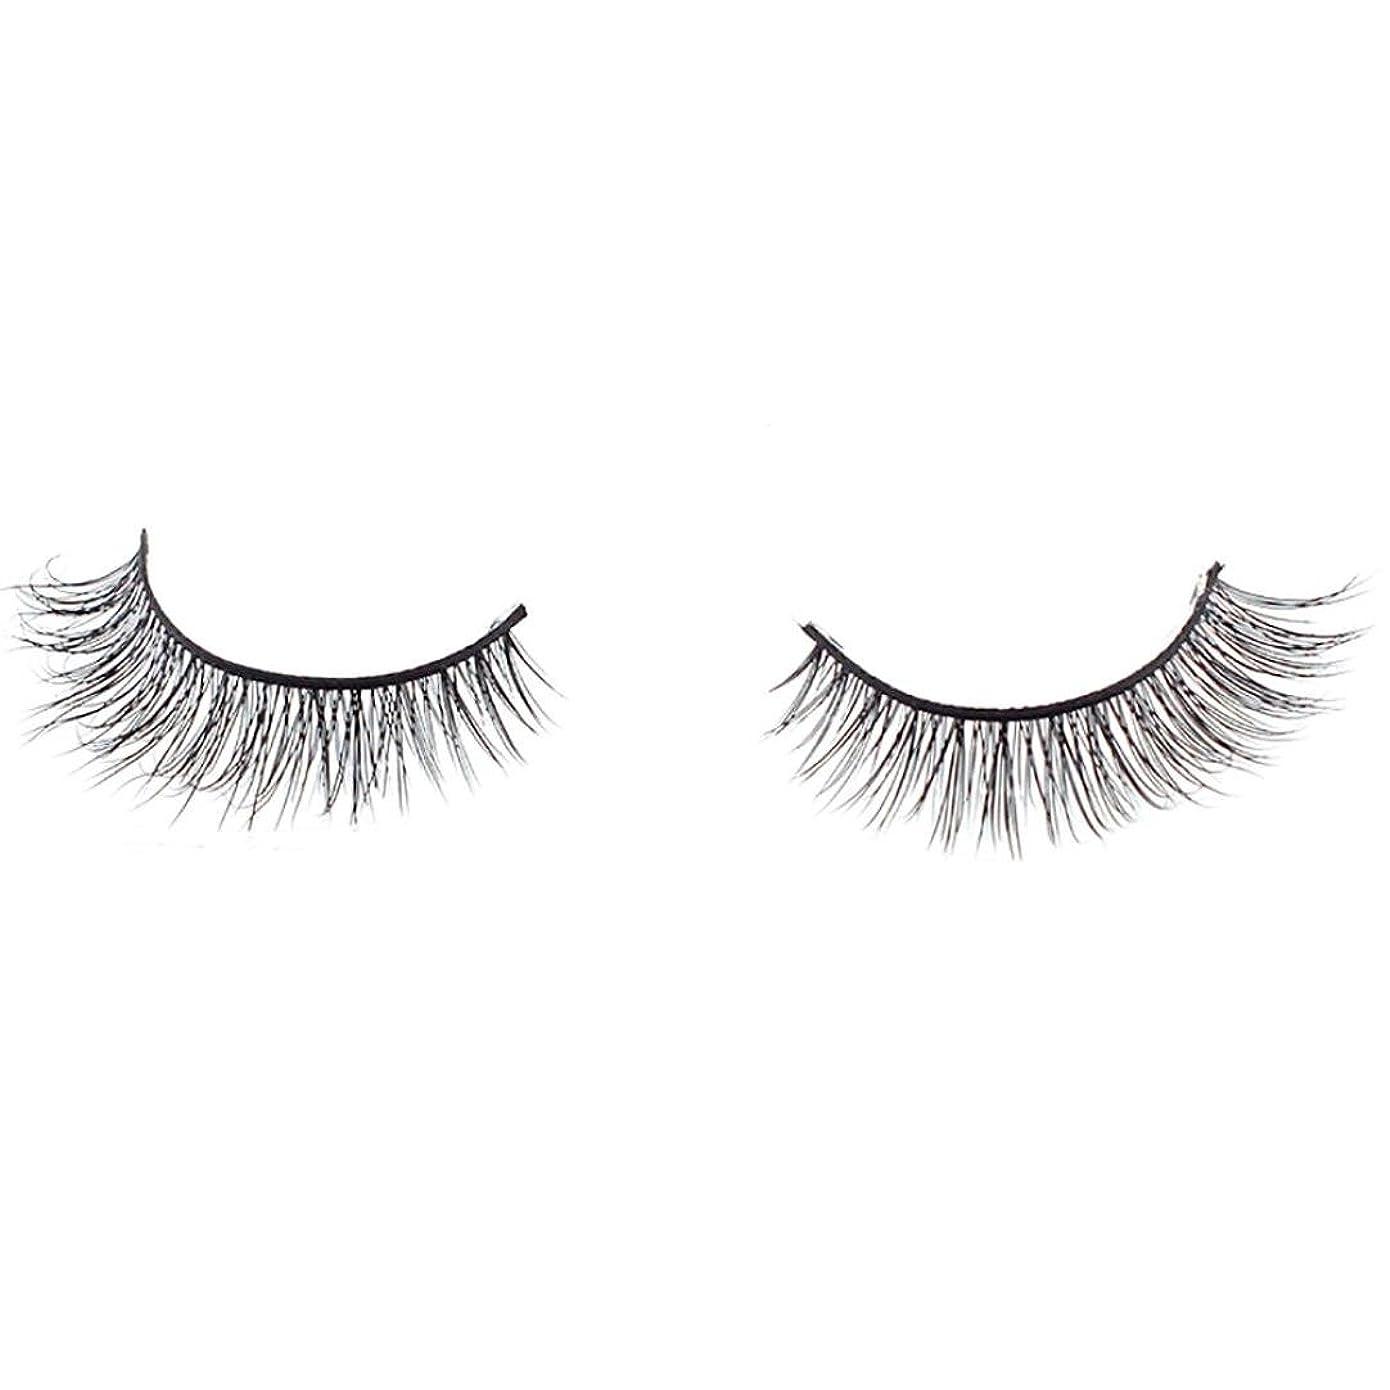 上院議員アマゾンジャングル面Feteso 1双 つけまつげ 上まつげ Eyelashes アイラッシュ ビューティー まつげエクステ扩展 レディース 化粧ツール アイメイクアップ 人気 ナチュラル 柔らかい 装着簡単 綺麗 変身